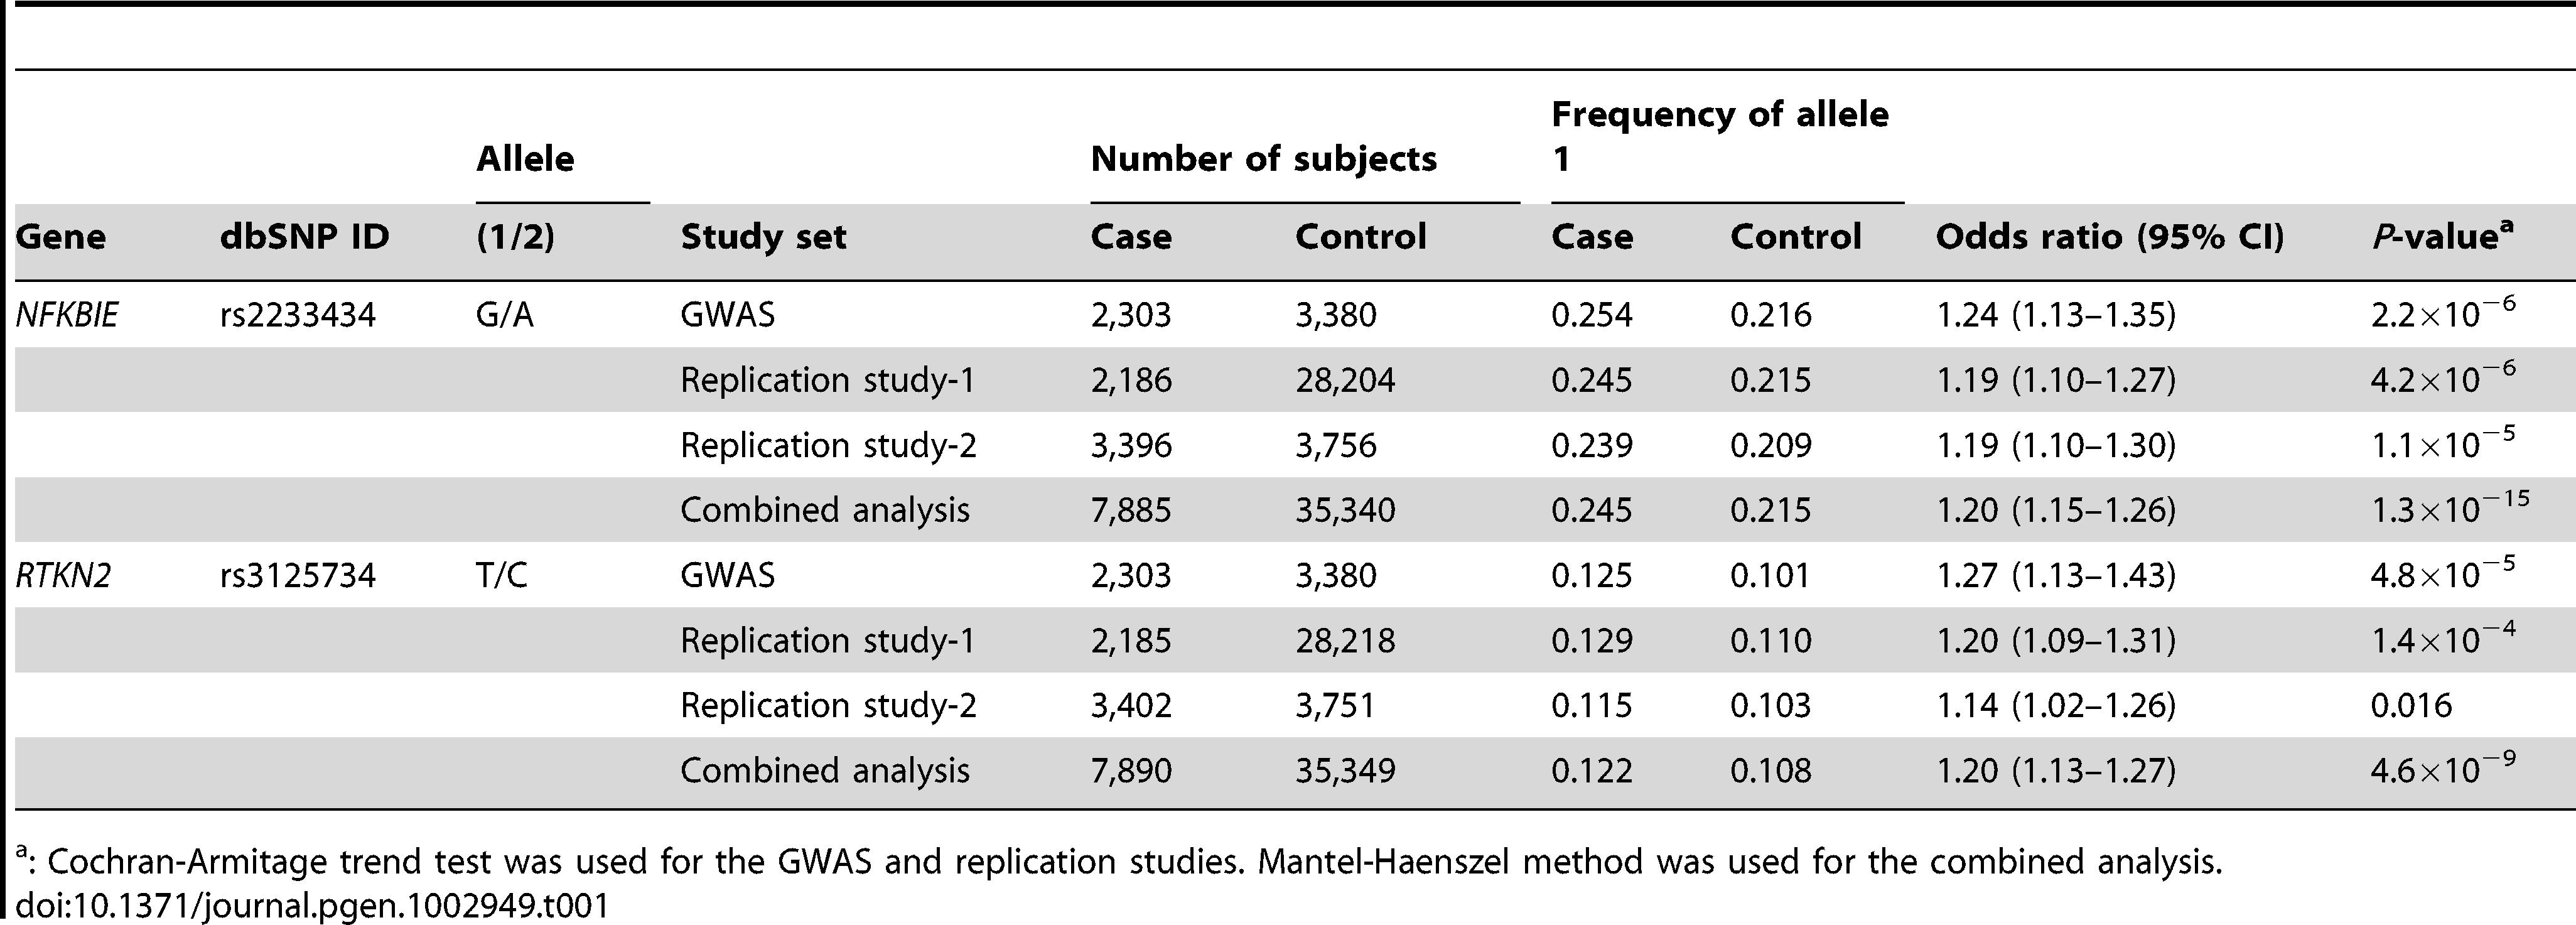 Association analysis of <i>NFKBIE</i> and <i>RTKN2</i> with rheumatoid arthritis.